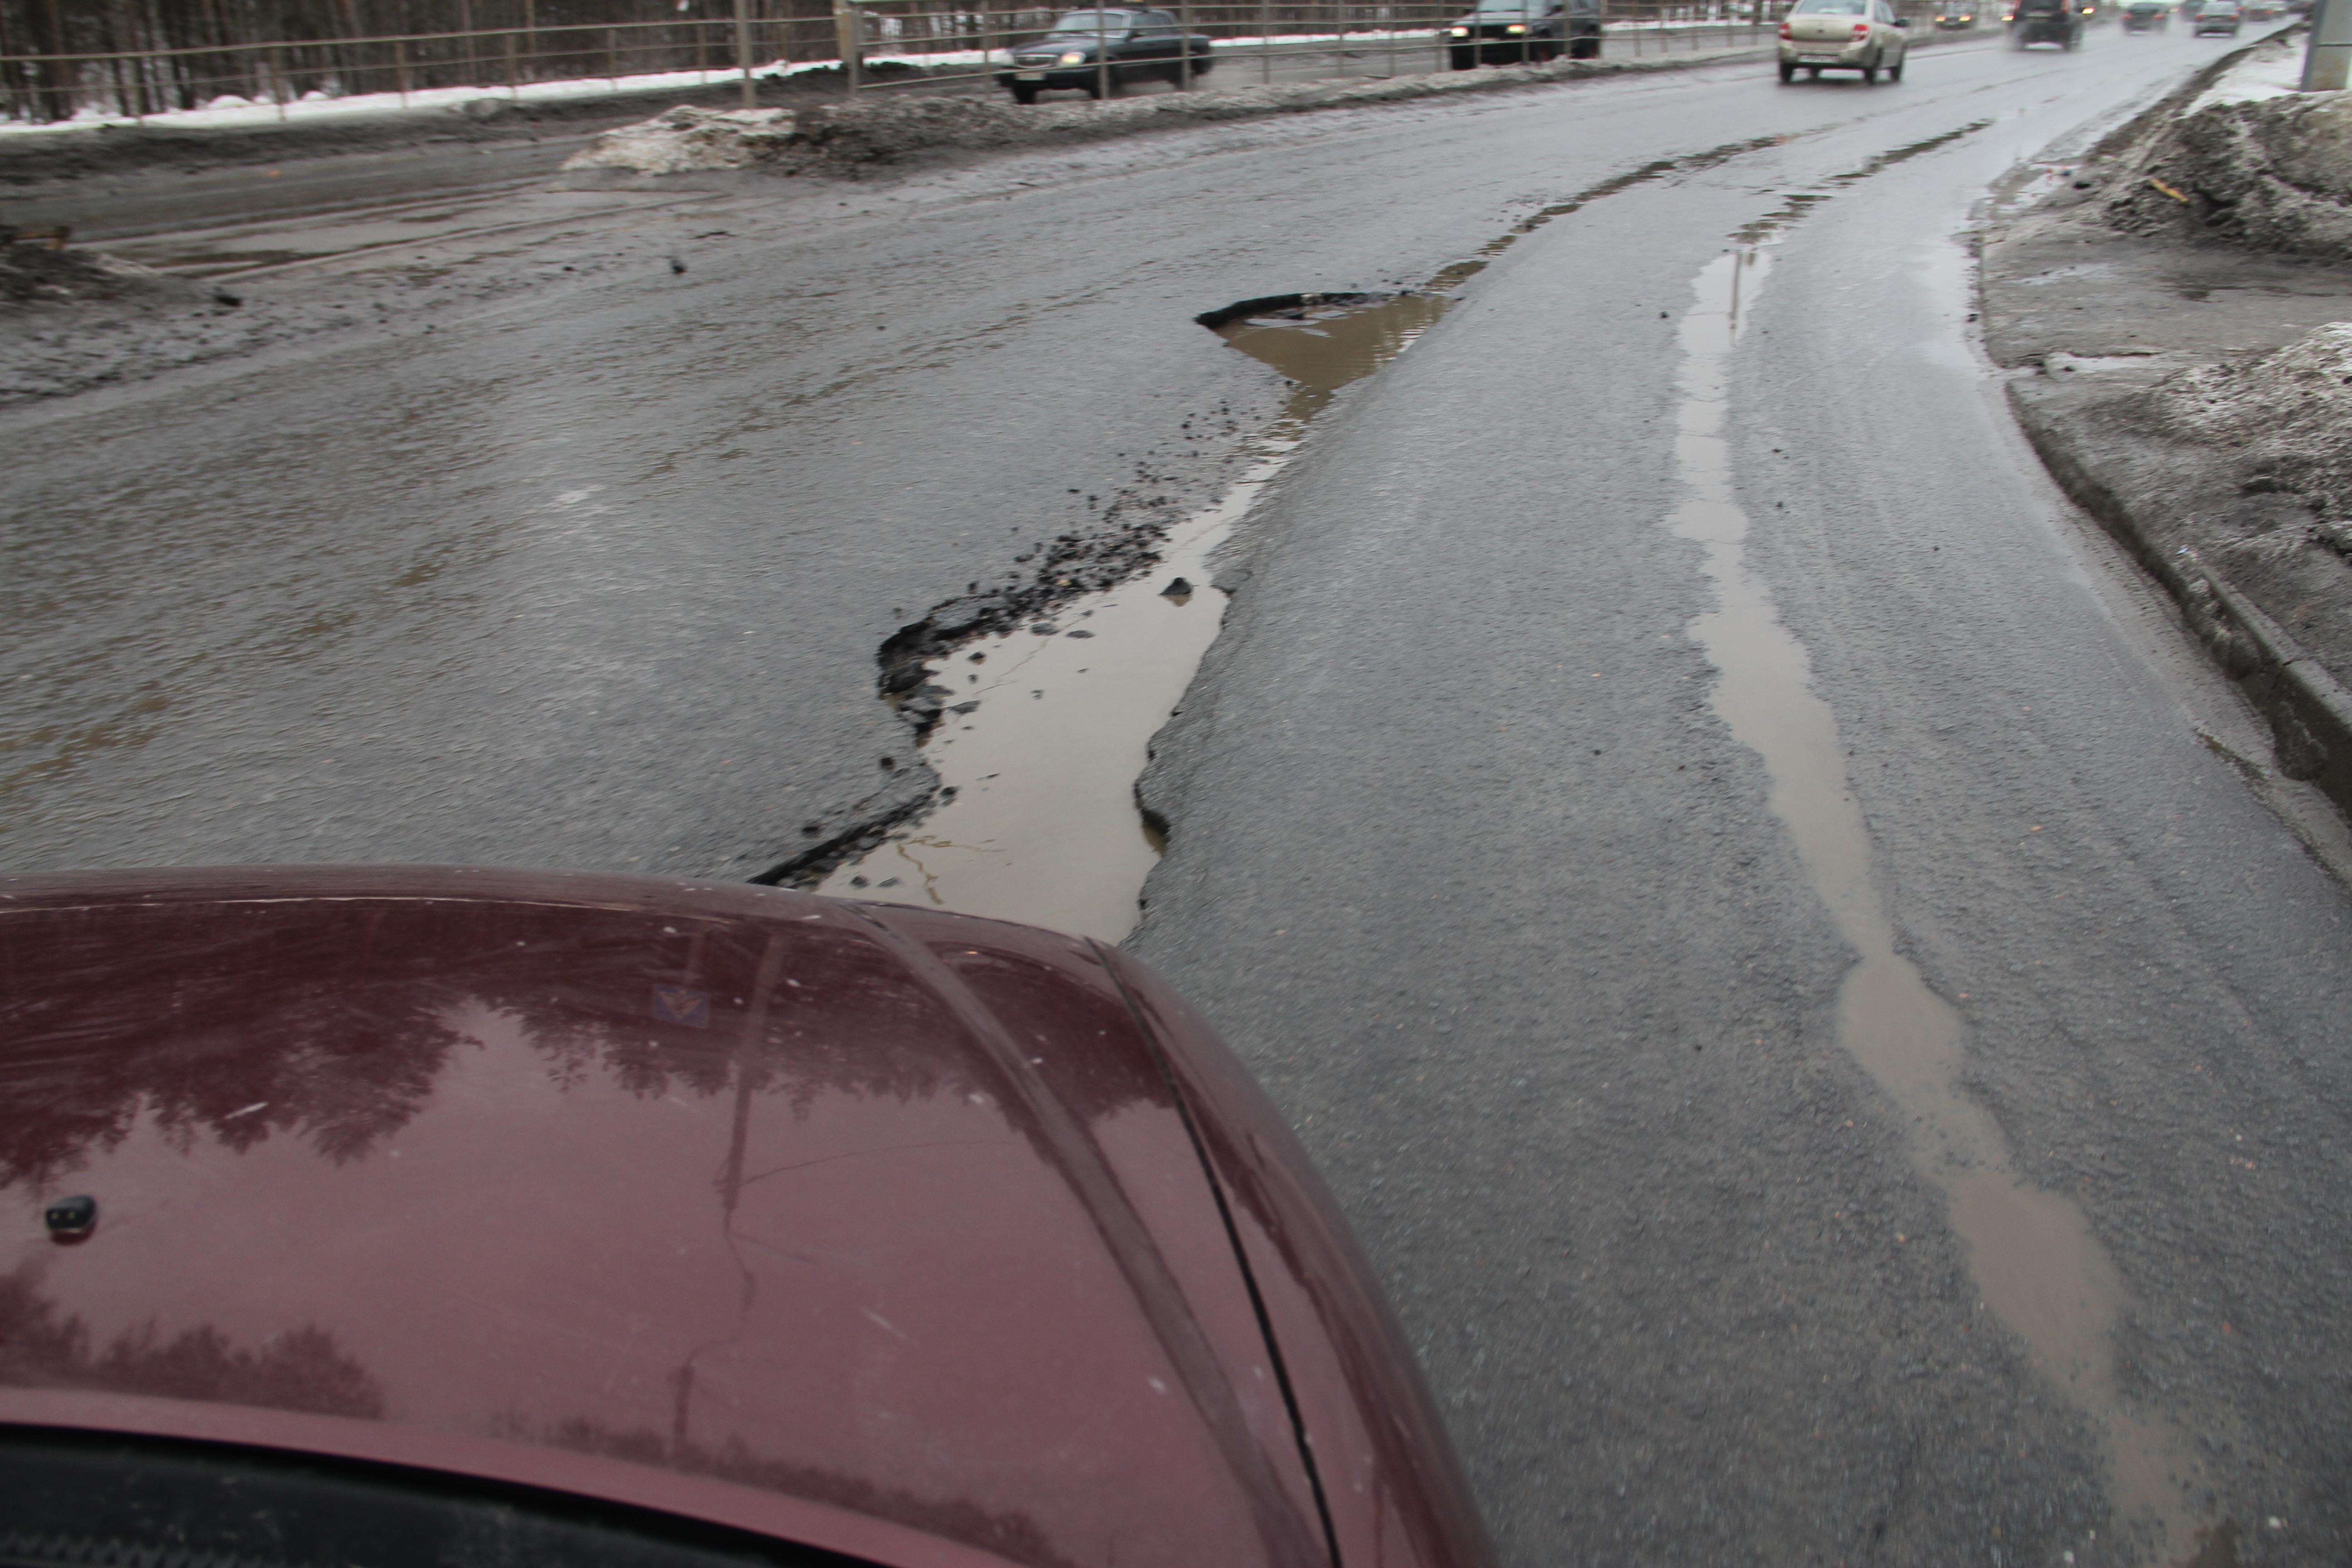 В России появится государственный сайт о самых опасных дорогах    Петрозаводск ГОВОРИТ   Газета